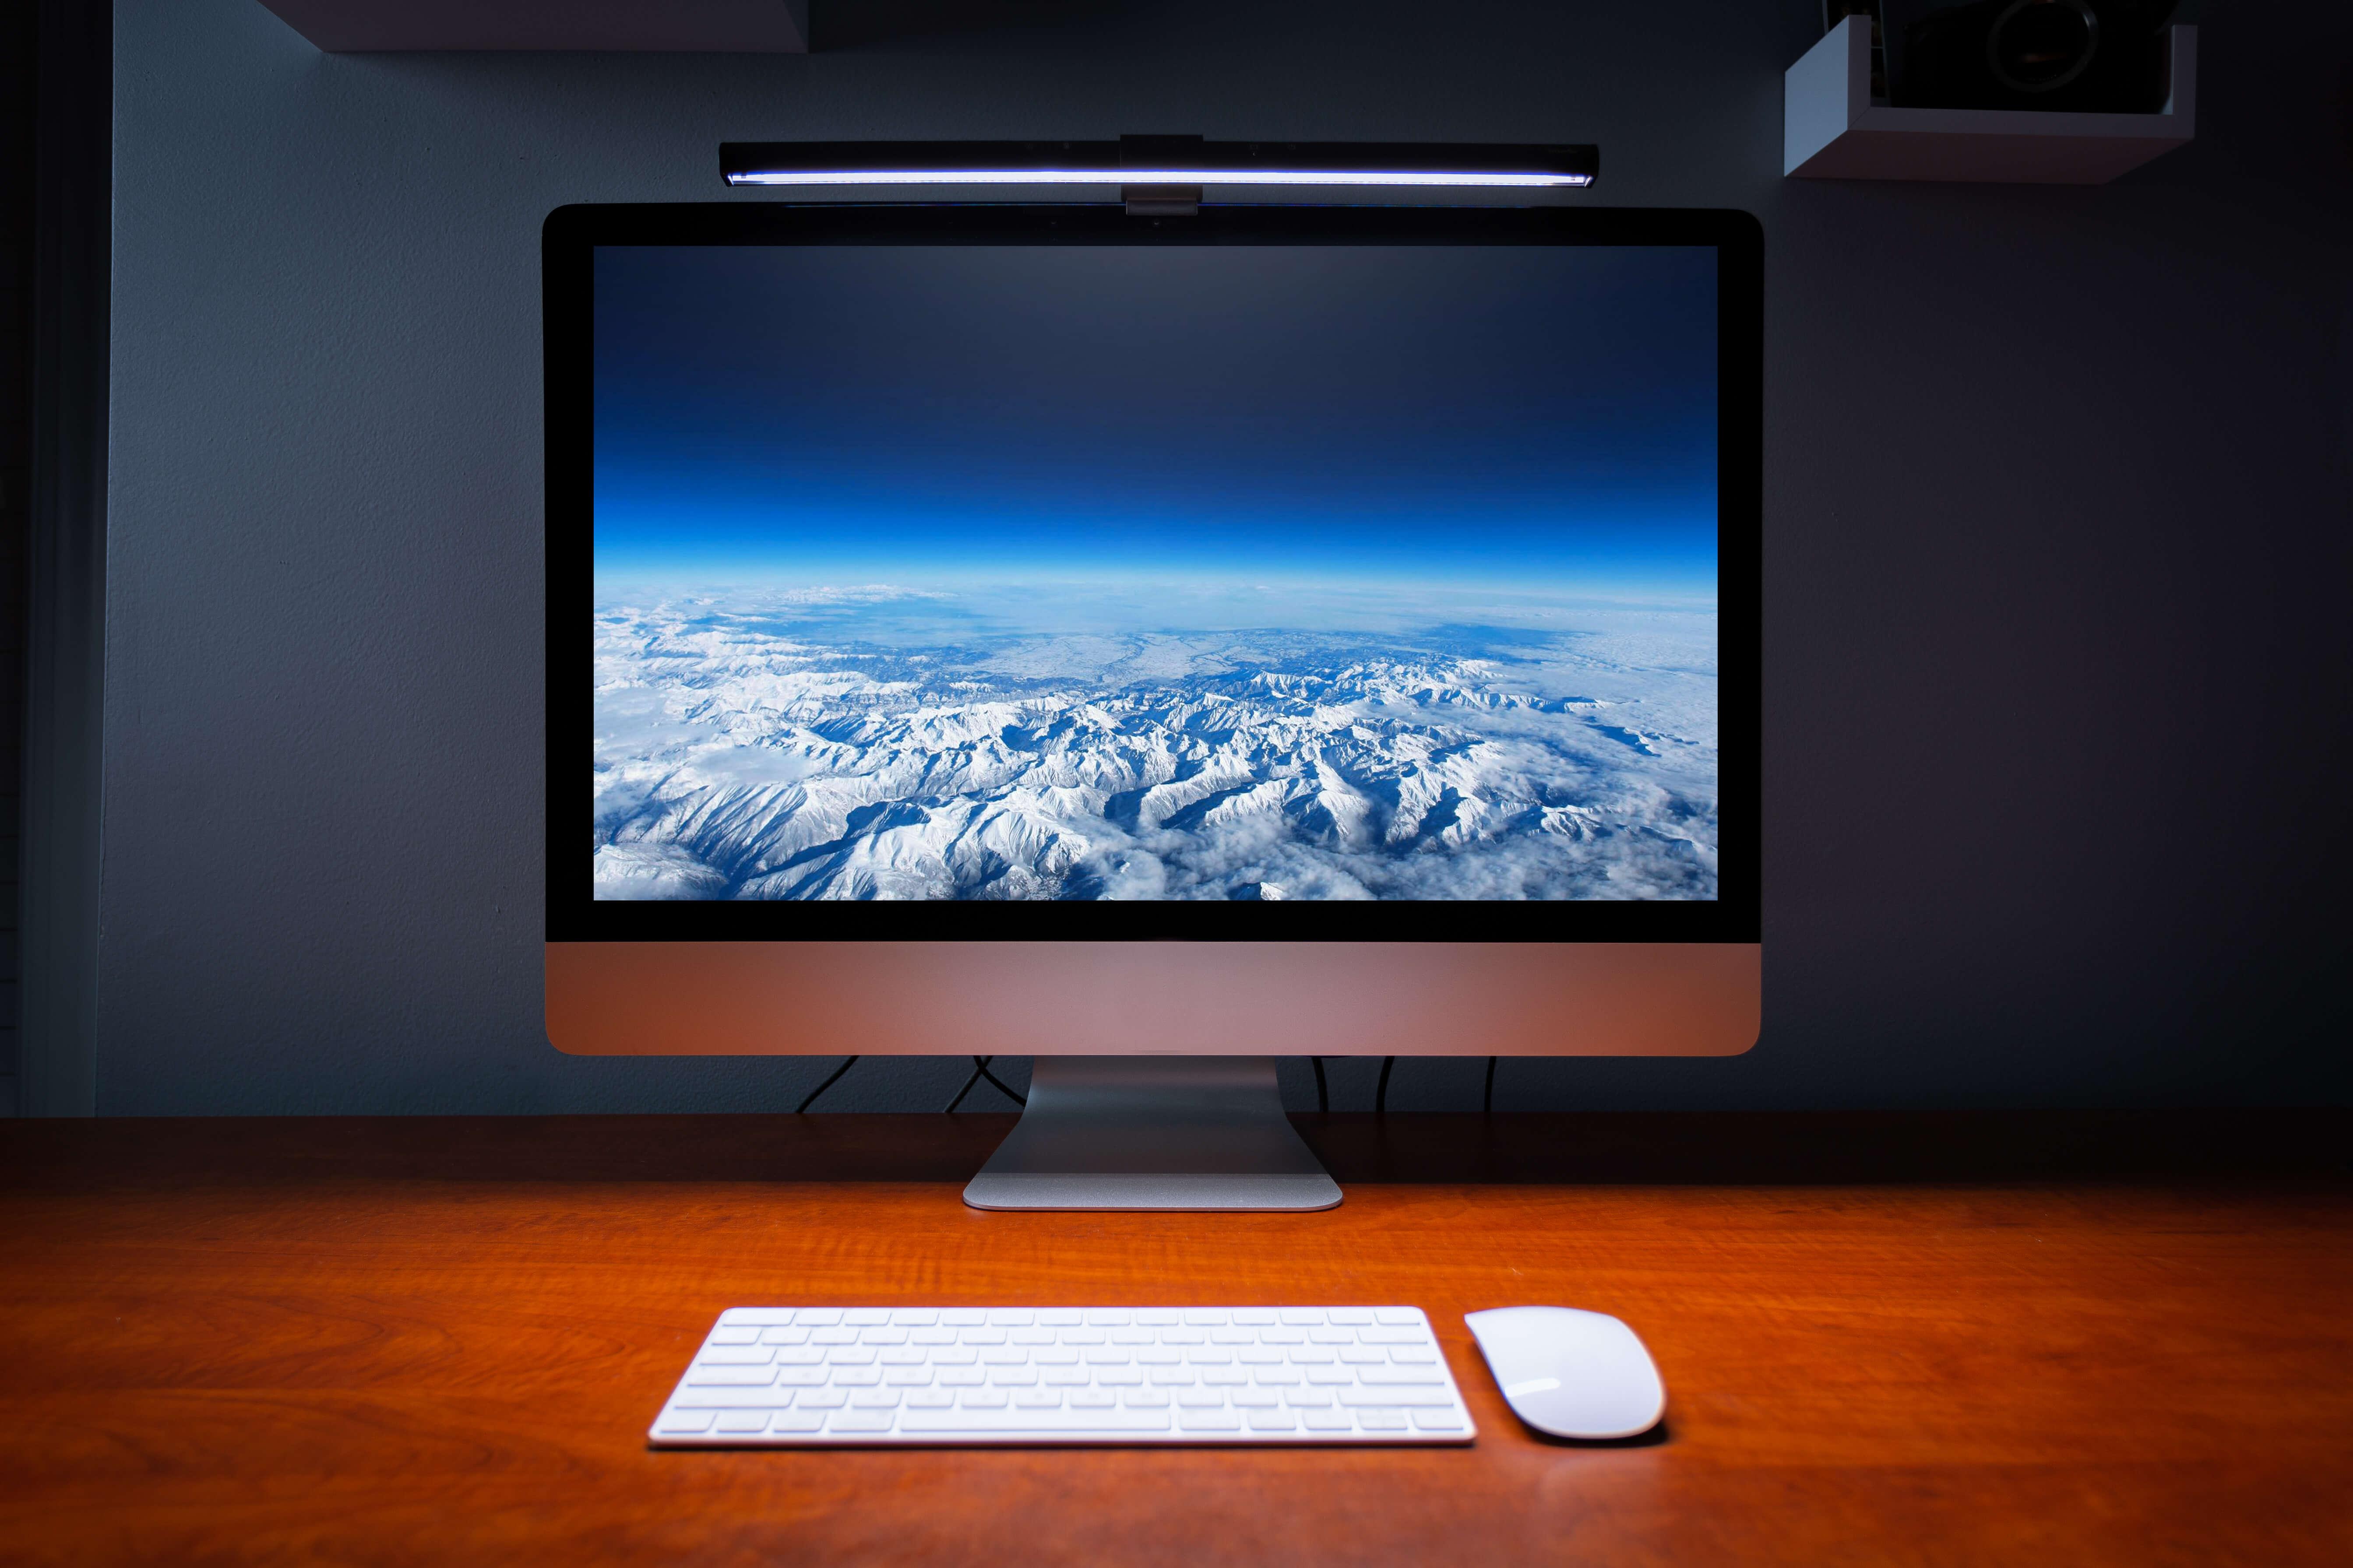 screenbar on